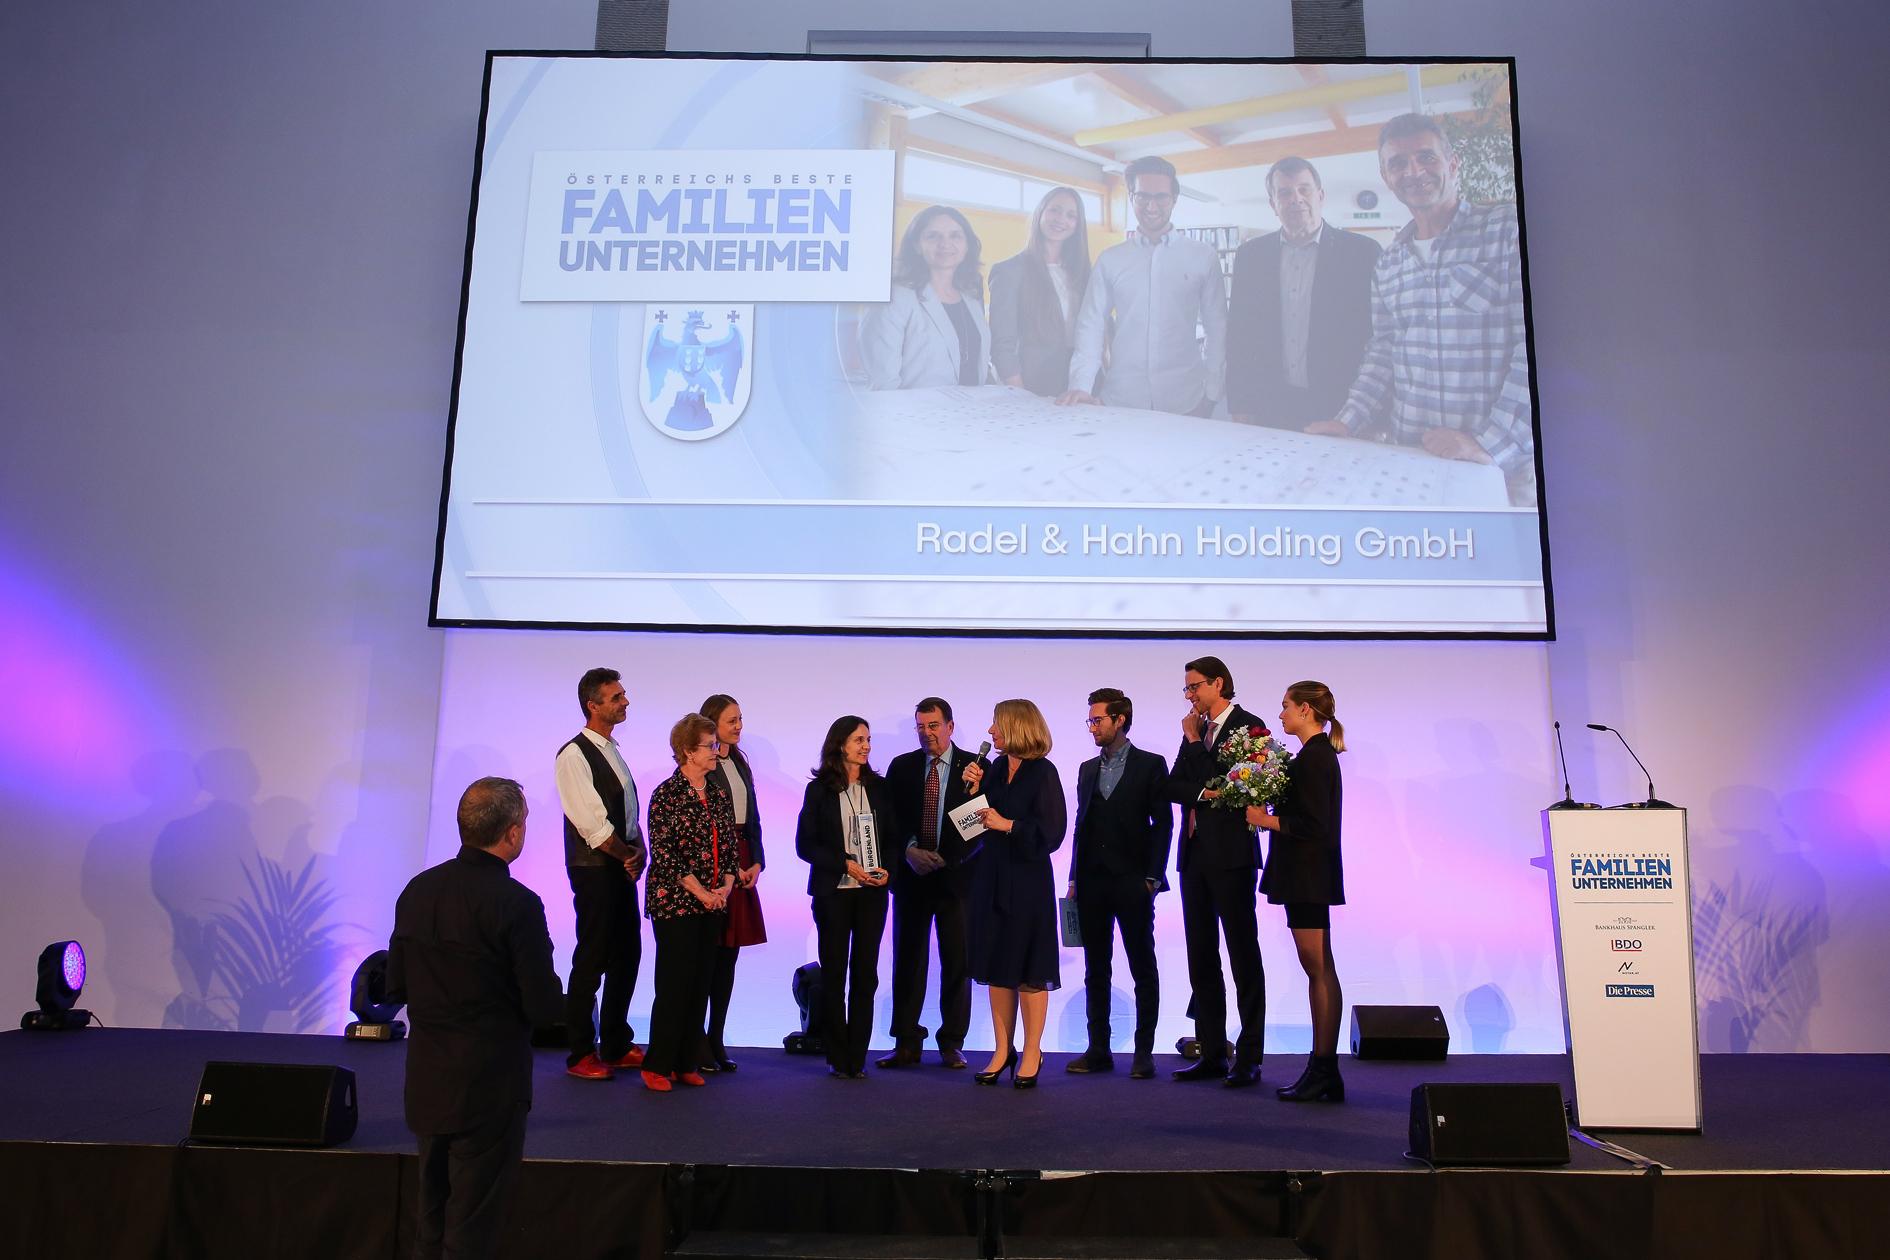 Radel-Hahn-Burgenlandsieger-Beste-Familienunternehmen-2019